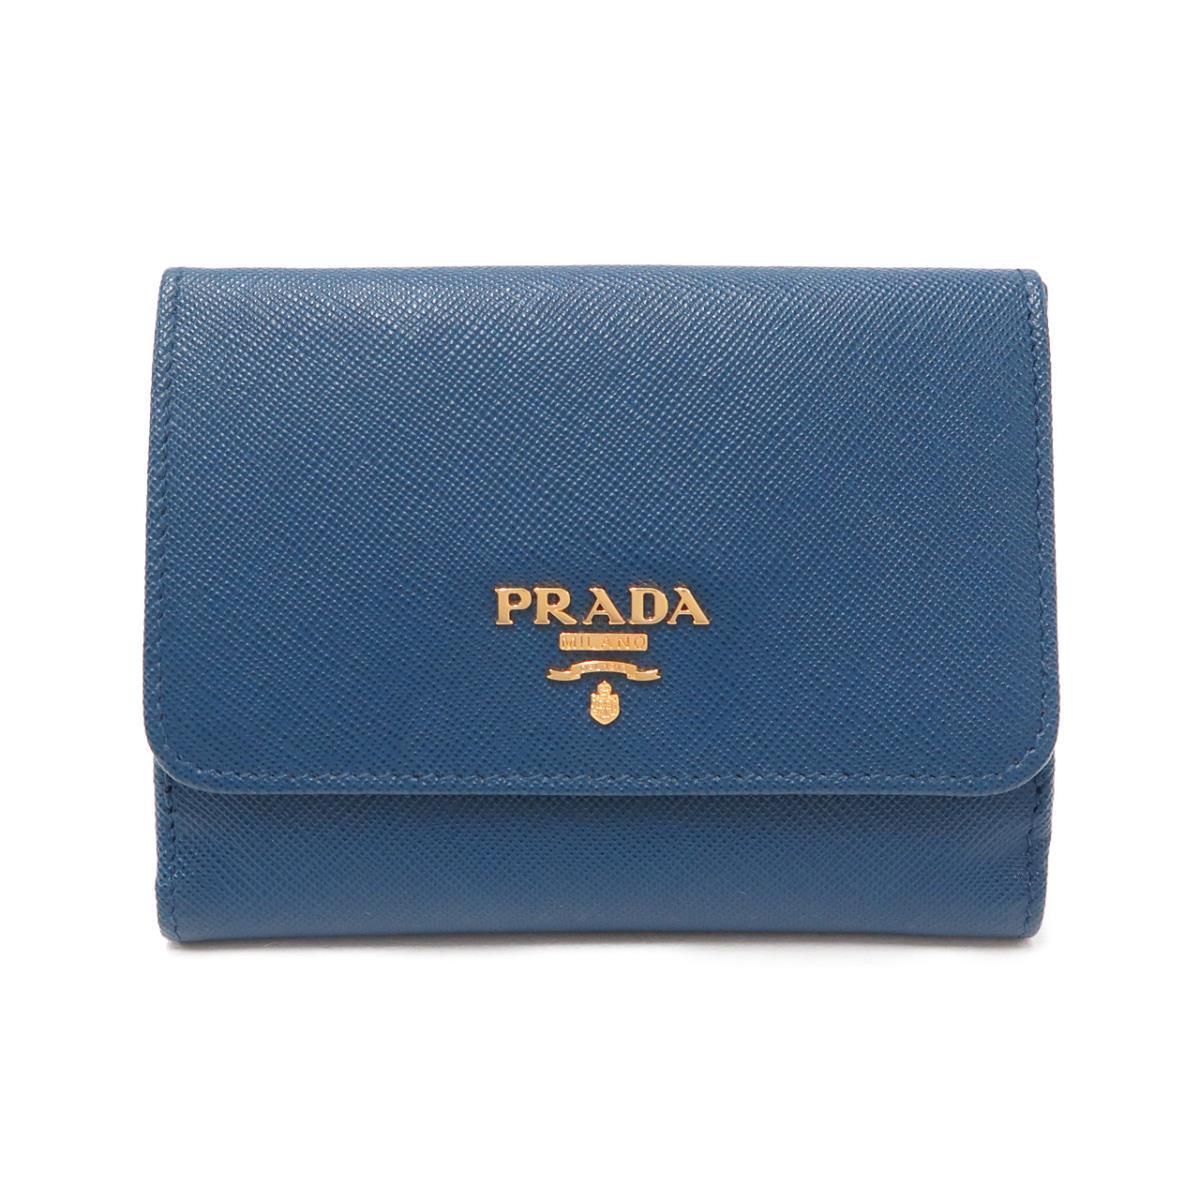 プラダ 財布 1M0523【中古】